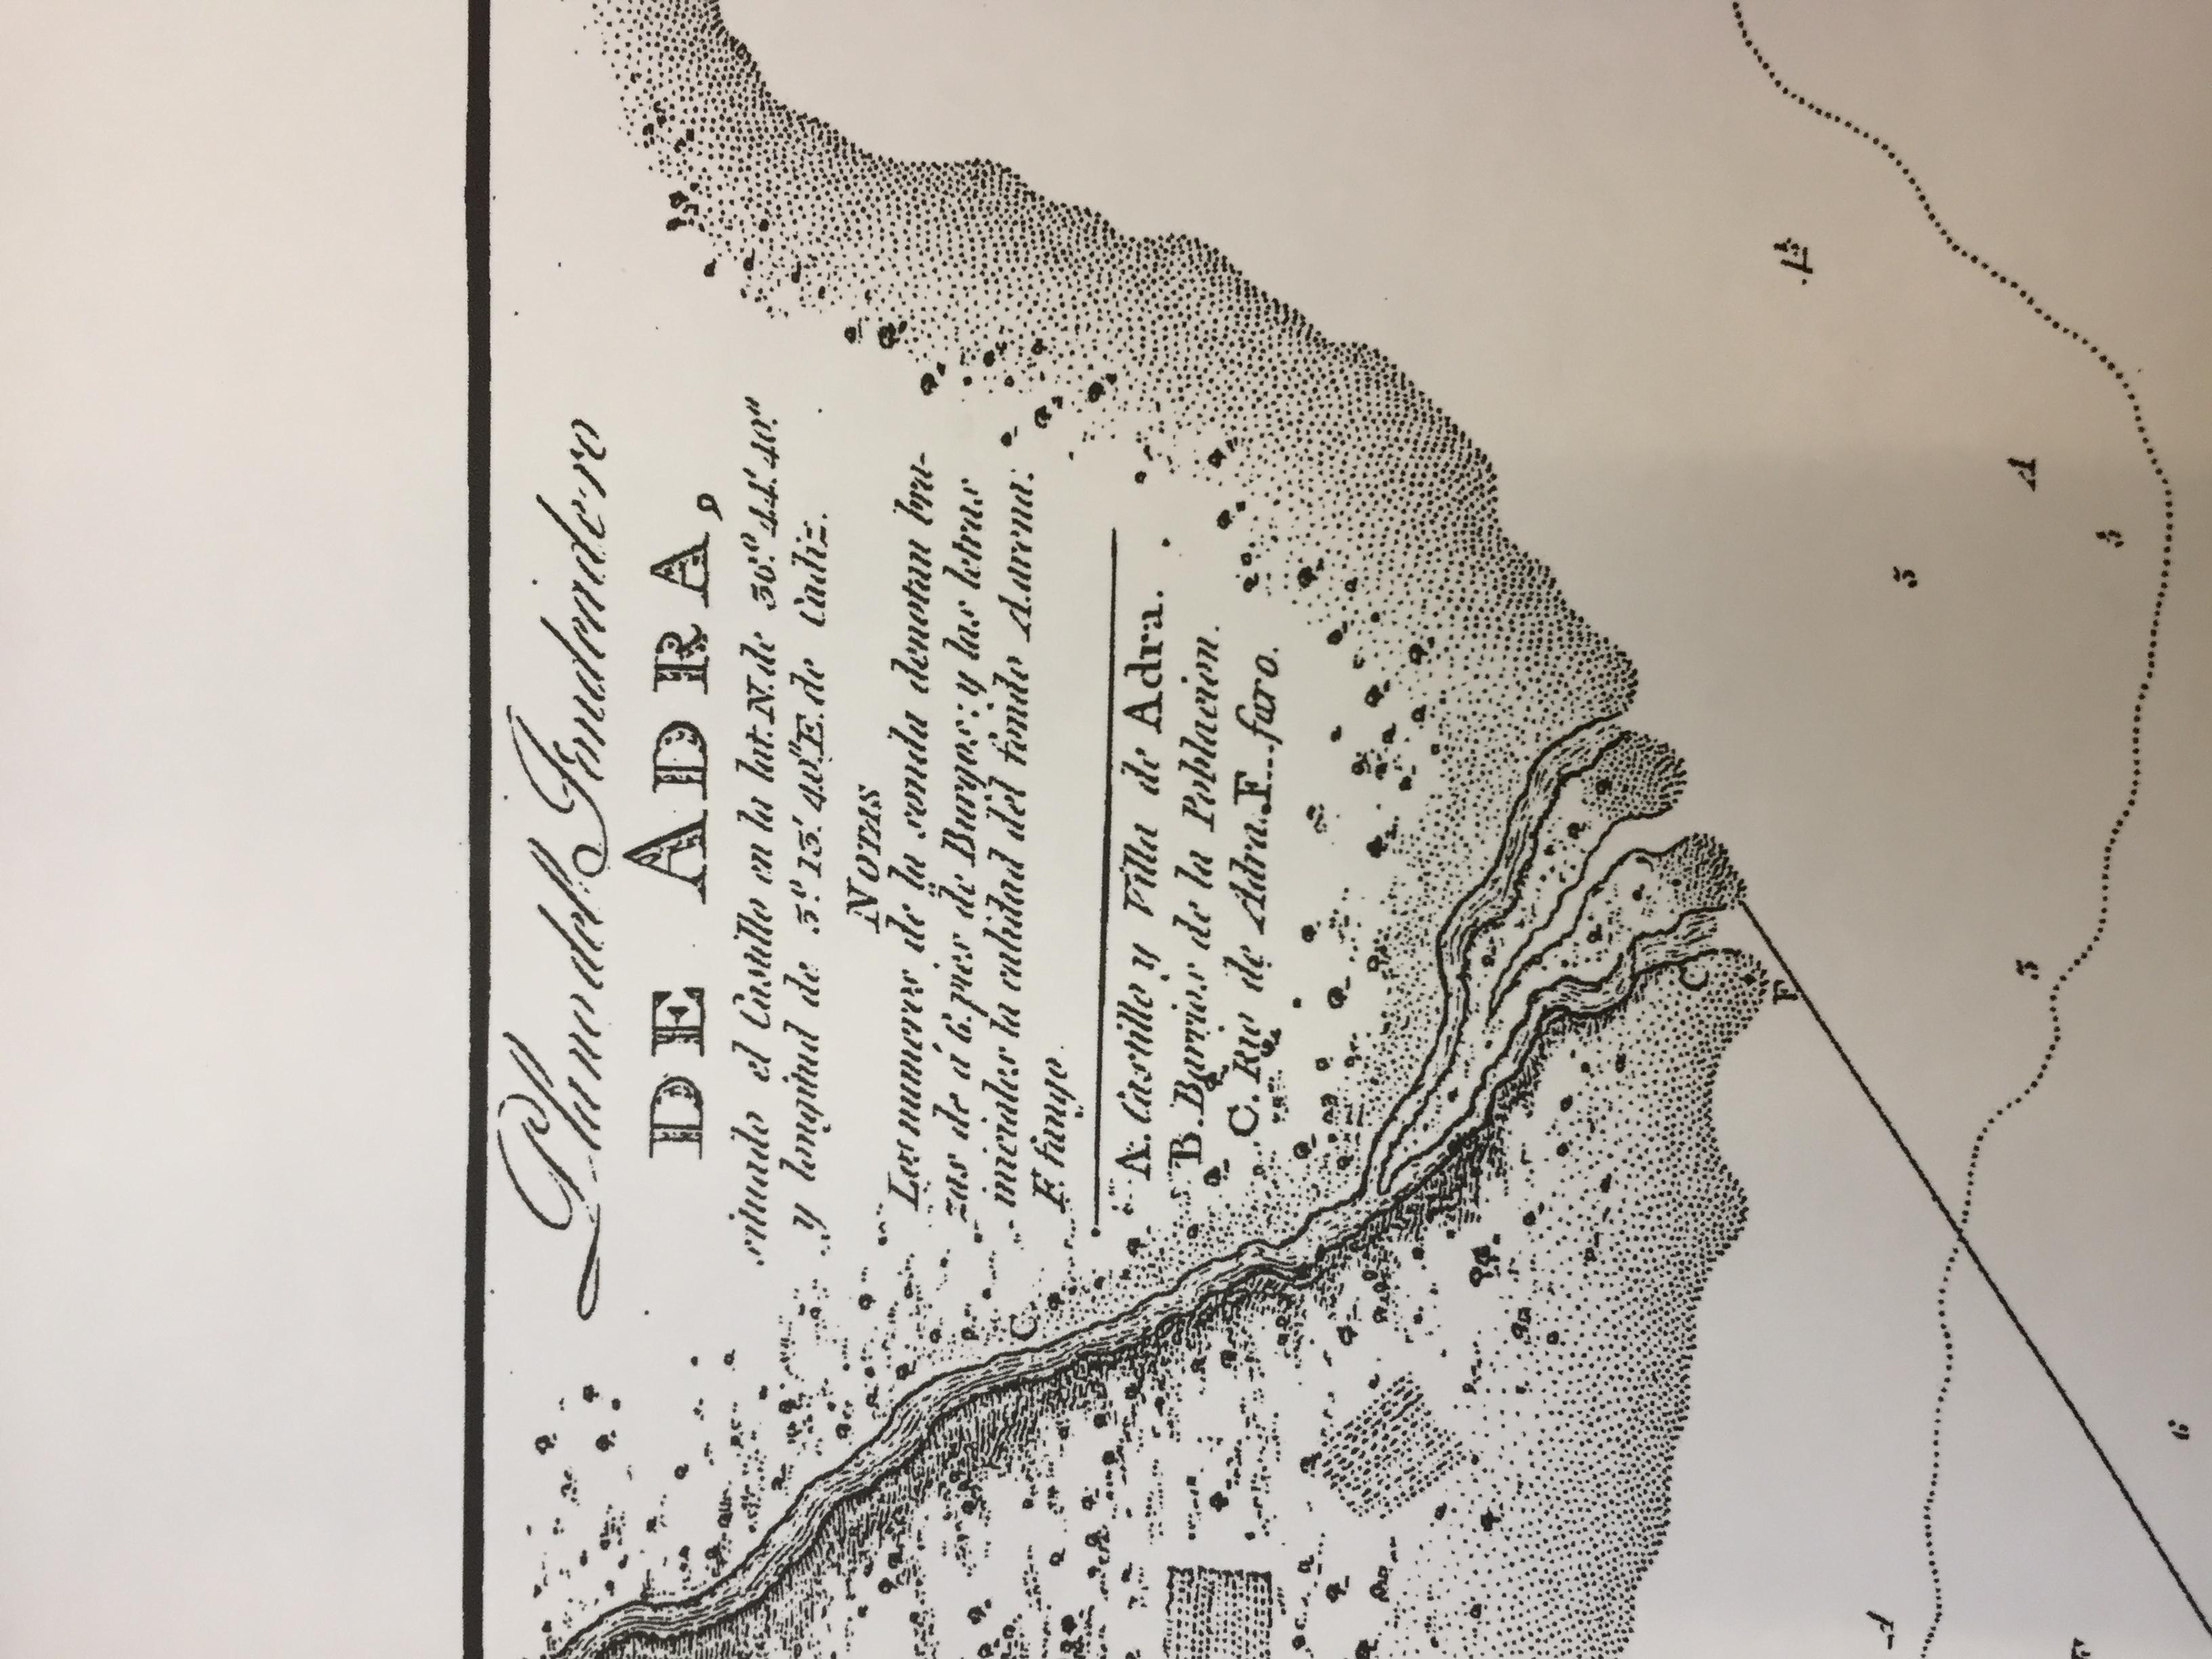 Cubierta de Plano del fondeadero de Adra (Cartografía Histórica de la D.H.)